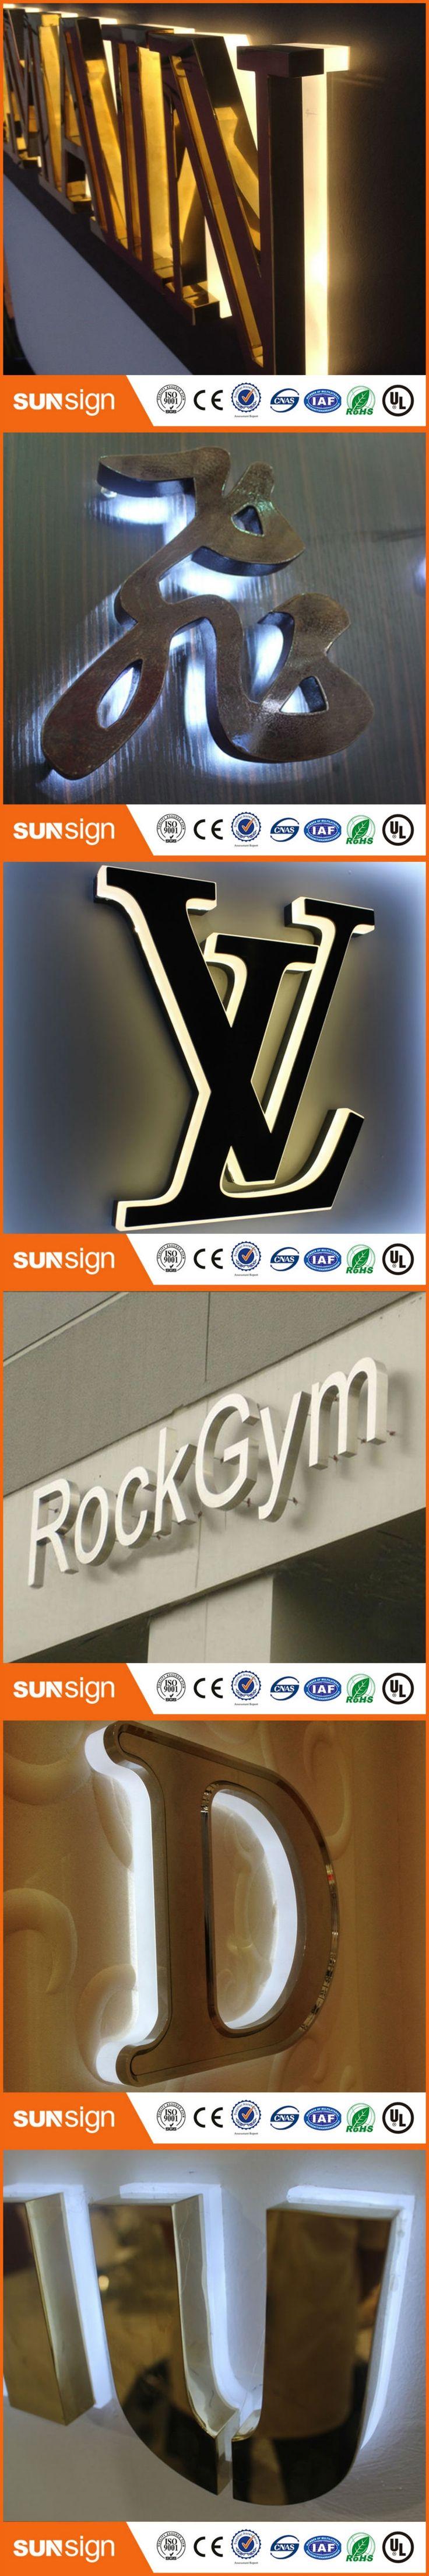 business letter format with enclosure%0A  d effect led backlit letter signage